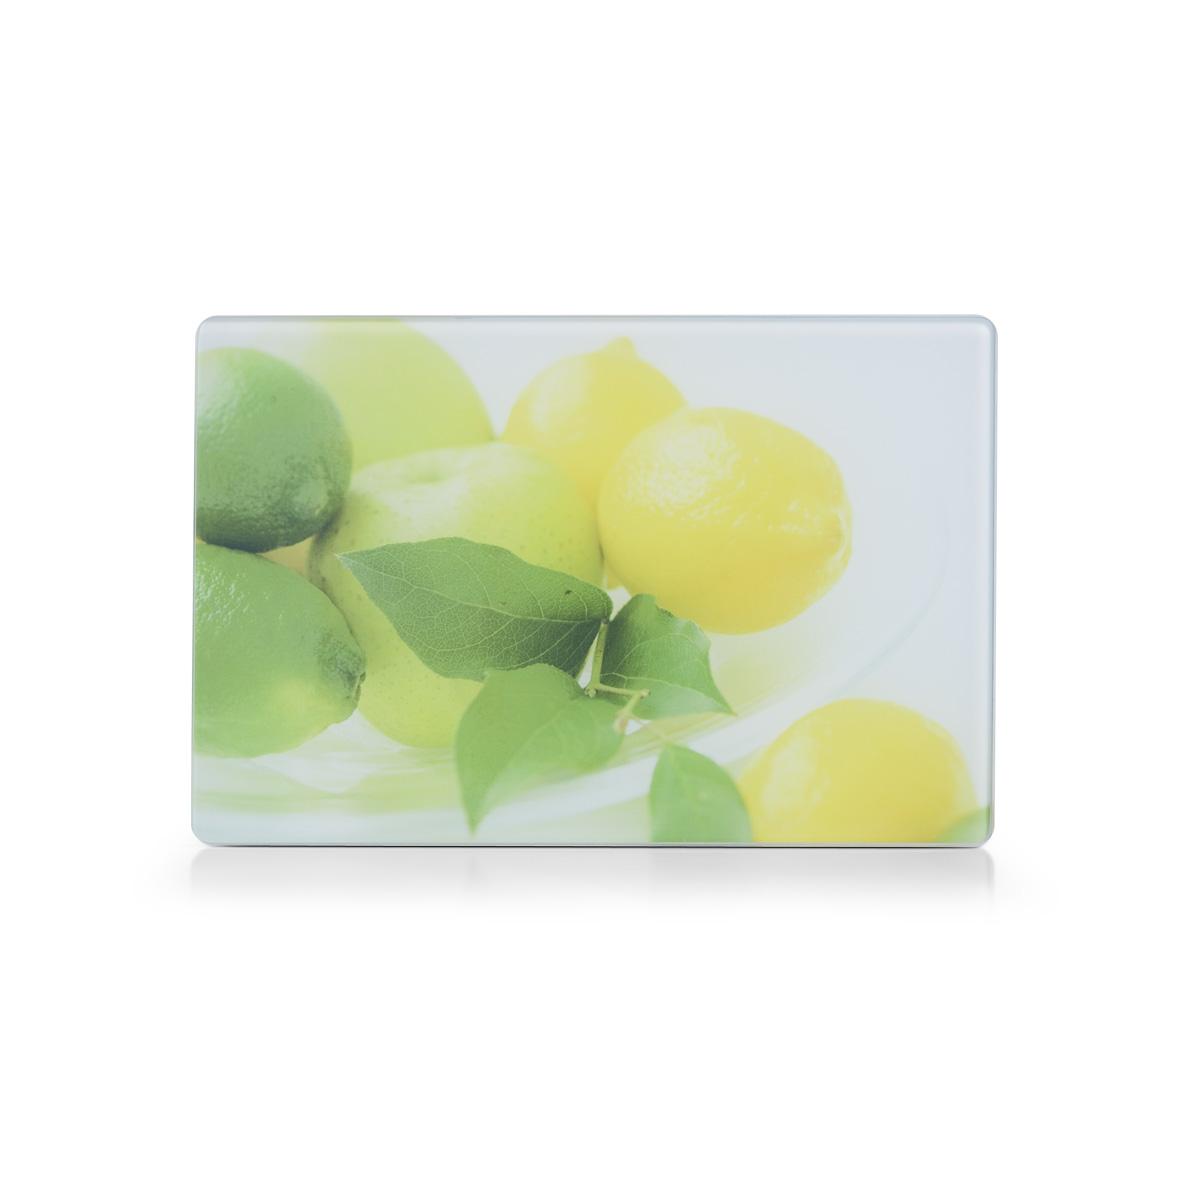 Доска разделочная Zeller Лимоны, стеклянная, 30 х 20 см26261Разделочная доска Zeller Лимоны выполнена из жароустойчивого стекла. Изделие, украшенное красочным изображением спелых яблок, лимонов и лайма, идеально впишется в интерьер современной кухни. Изделие легко чистить от пятен и жира. Также доску можно применять как подставку под горячее. Доска оснащена резиновыми ножками, предотвращающими скольжение по поверхности стола. Разделочная доска Zeller Лимоны украсит ваш стол и сбережет его от воздействия высоких температур ваших кулинарных шедевров.